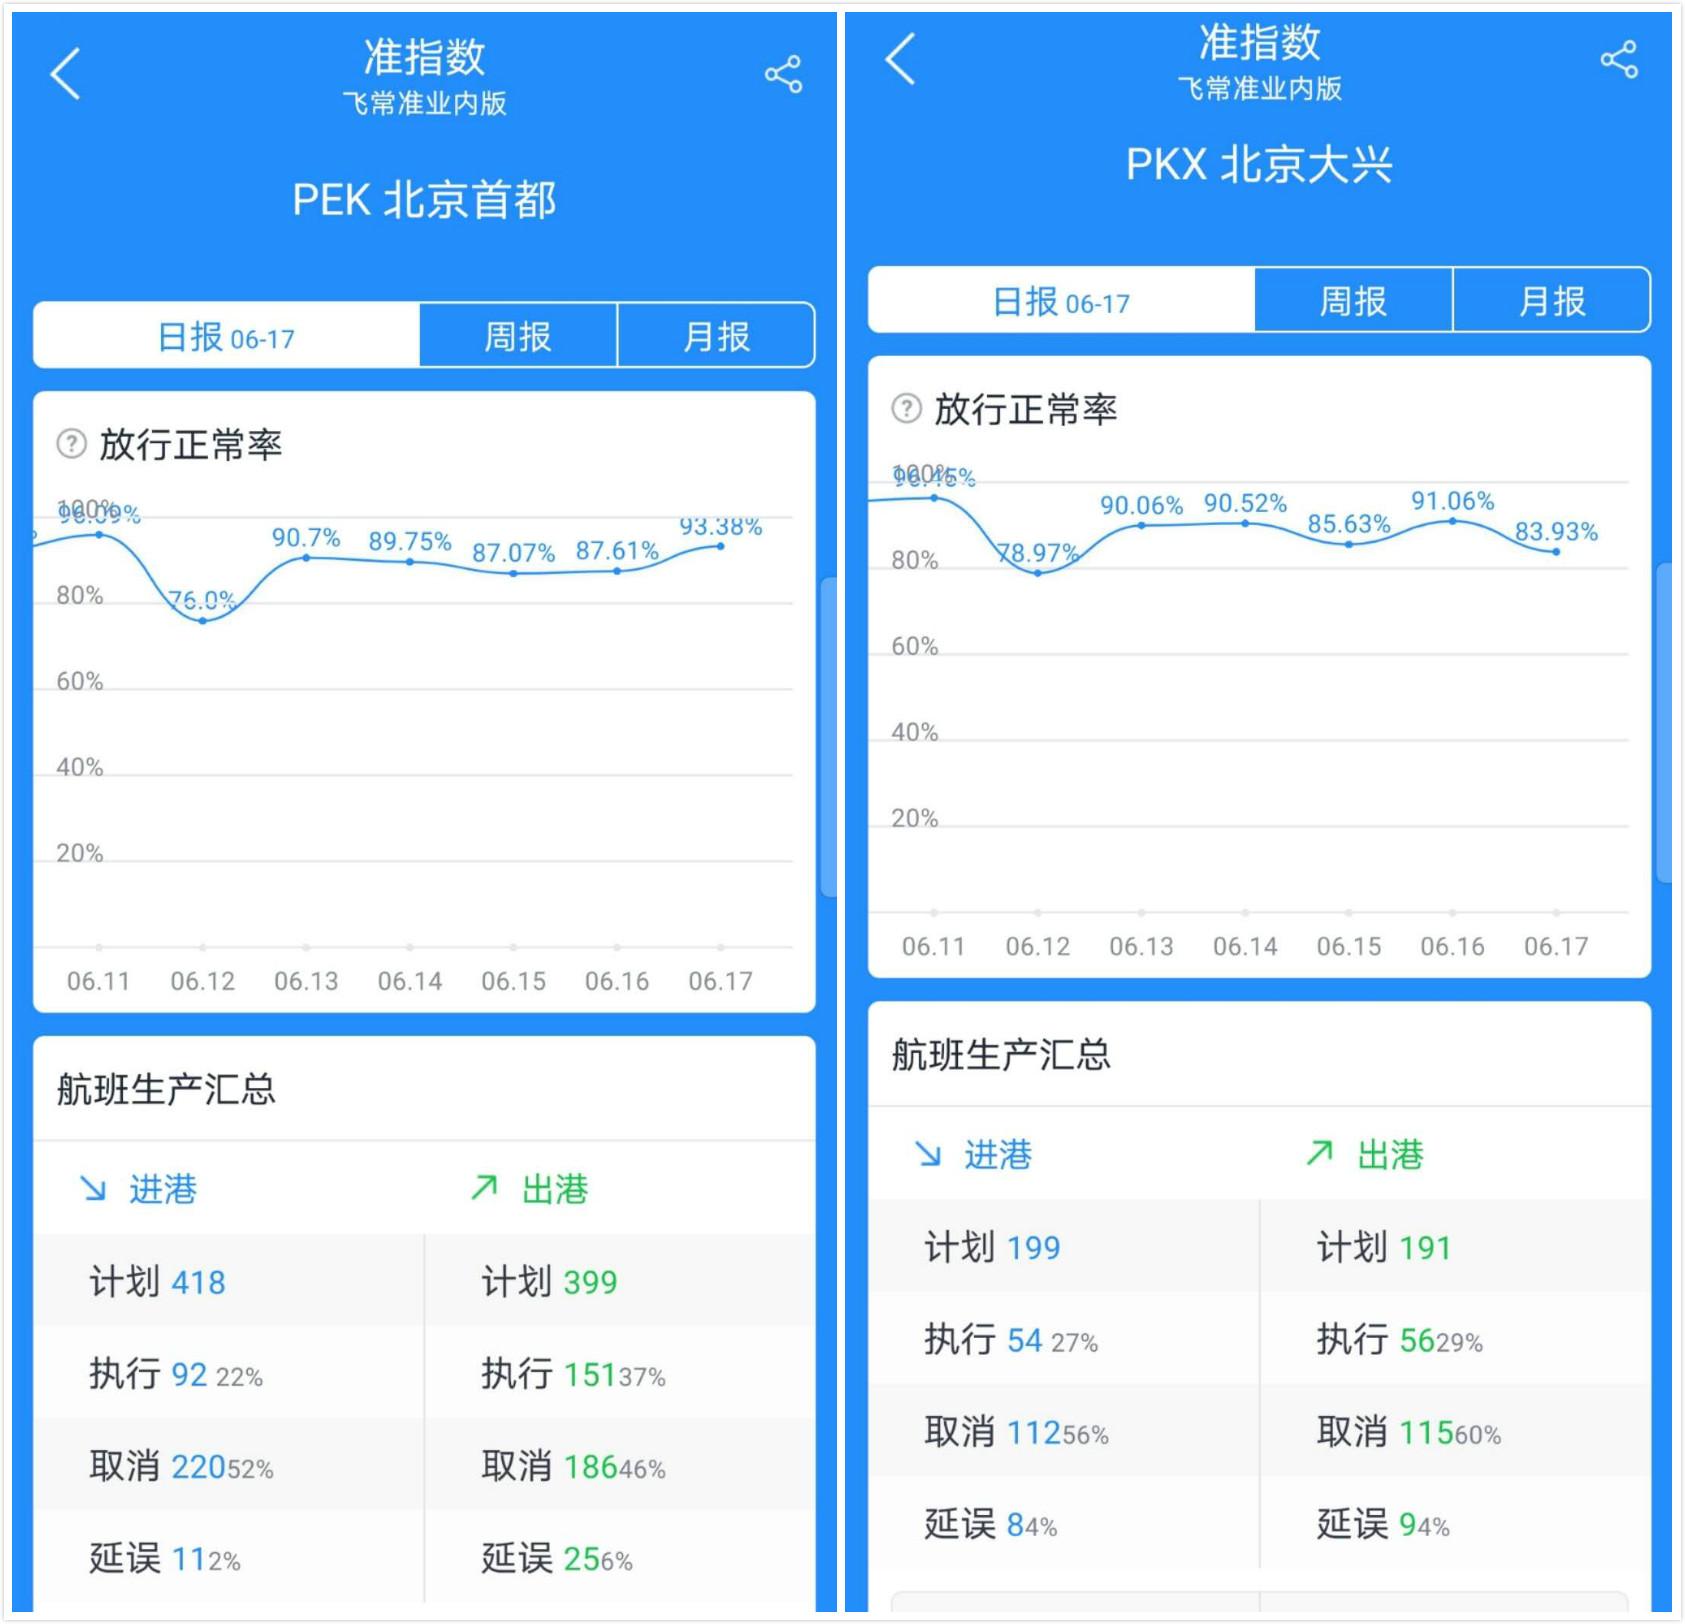 北京两大机场取消630架次航班,多条航线受影响较大图片